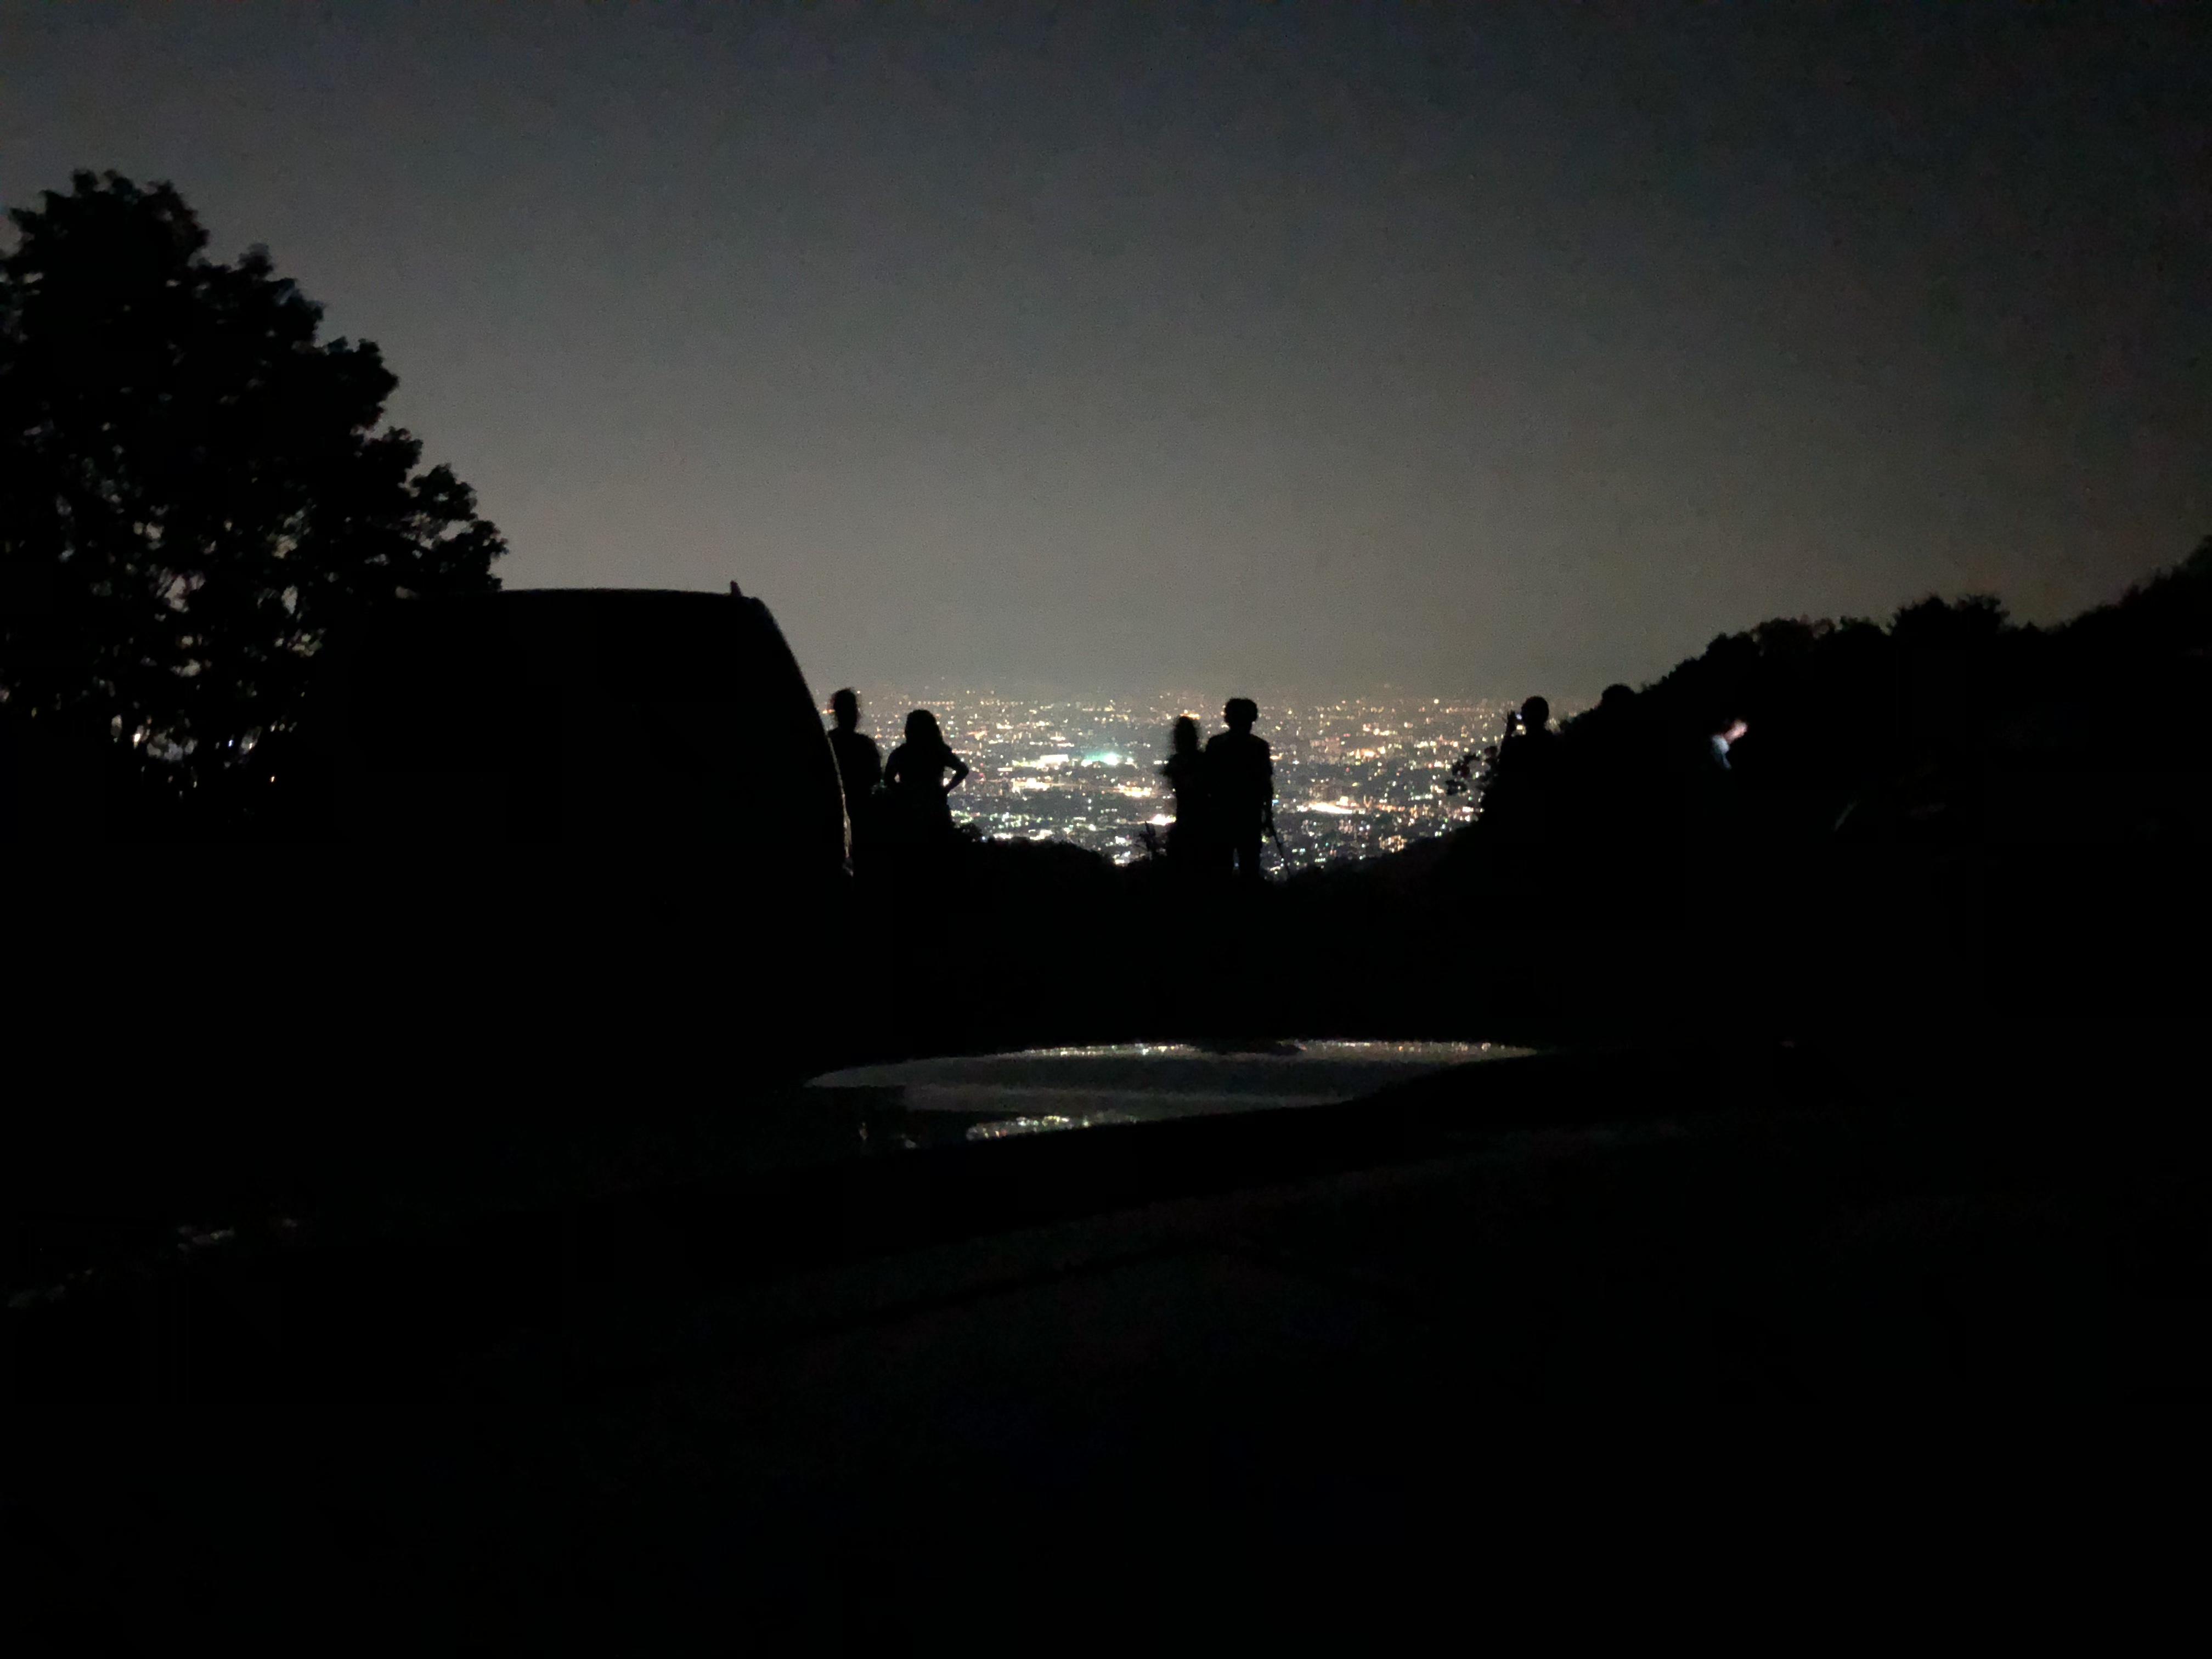 奈良観光③夜景も魅力的な信貴山で宿泊